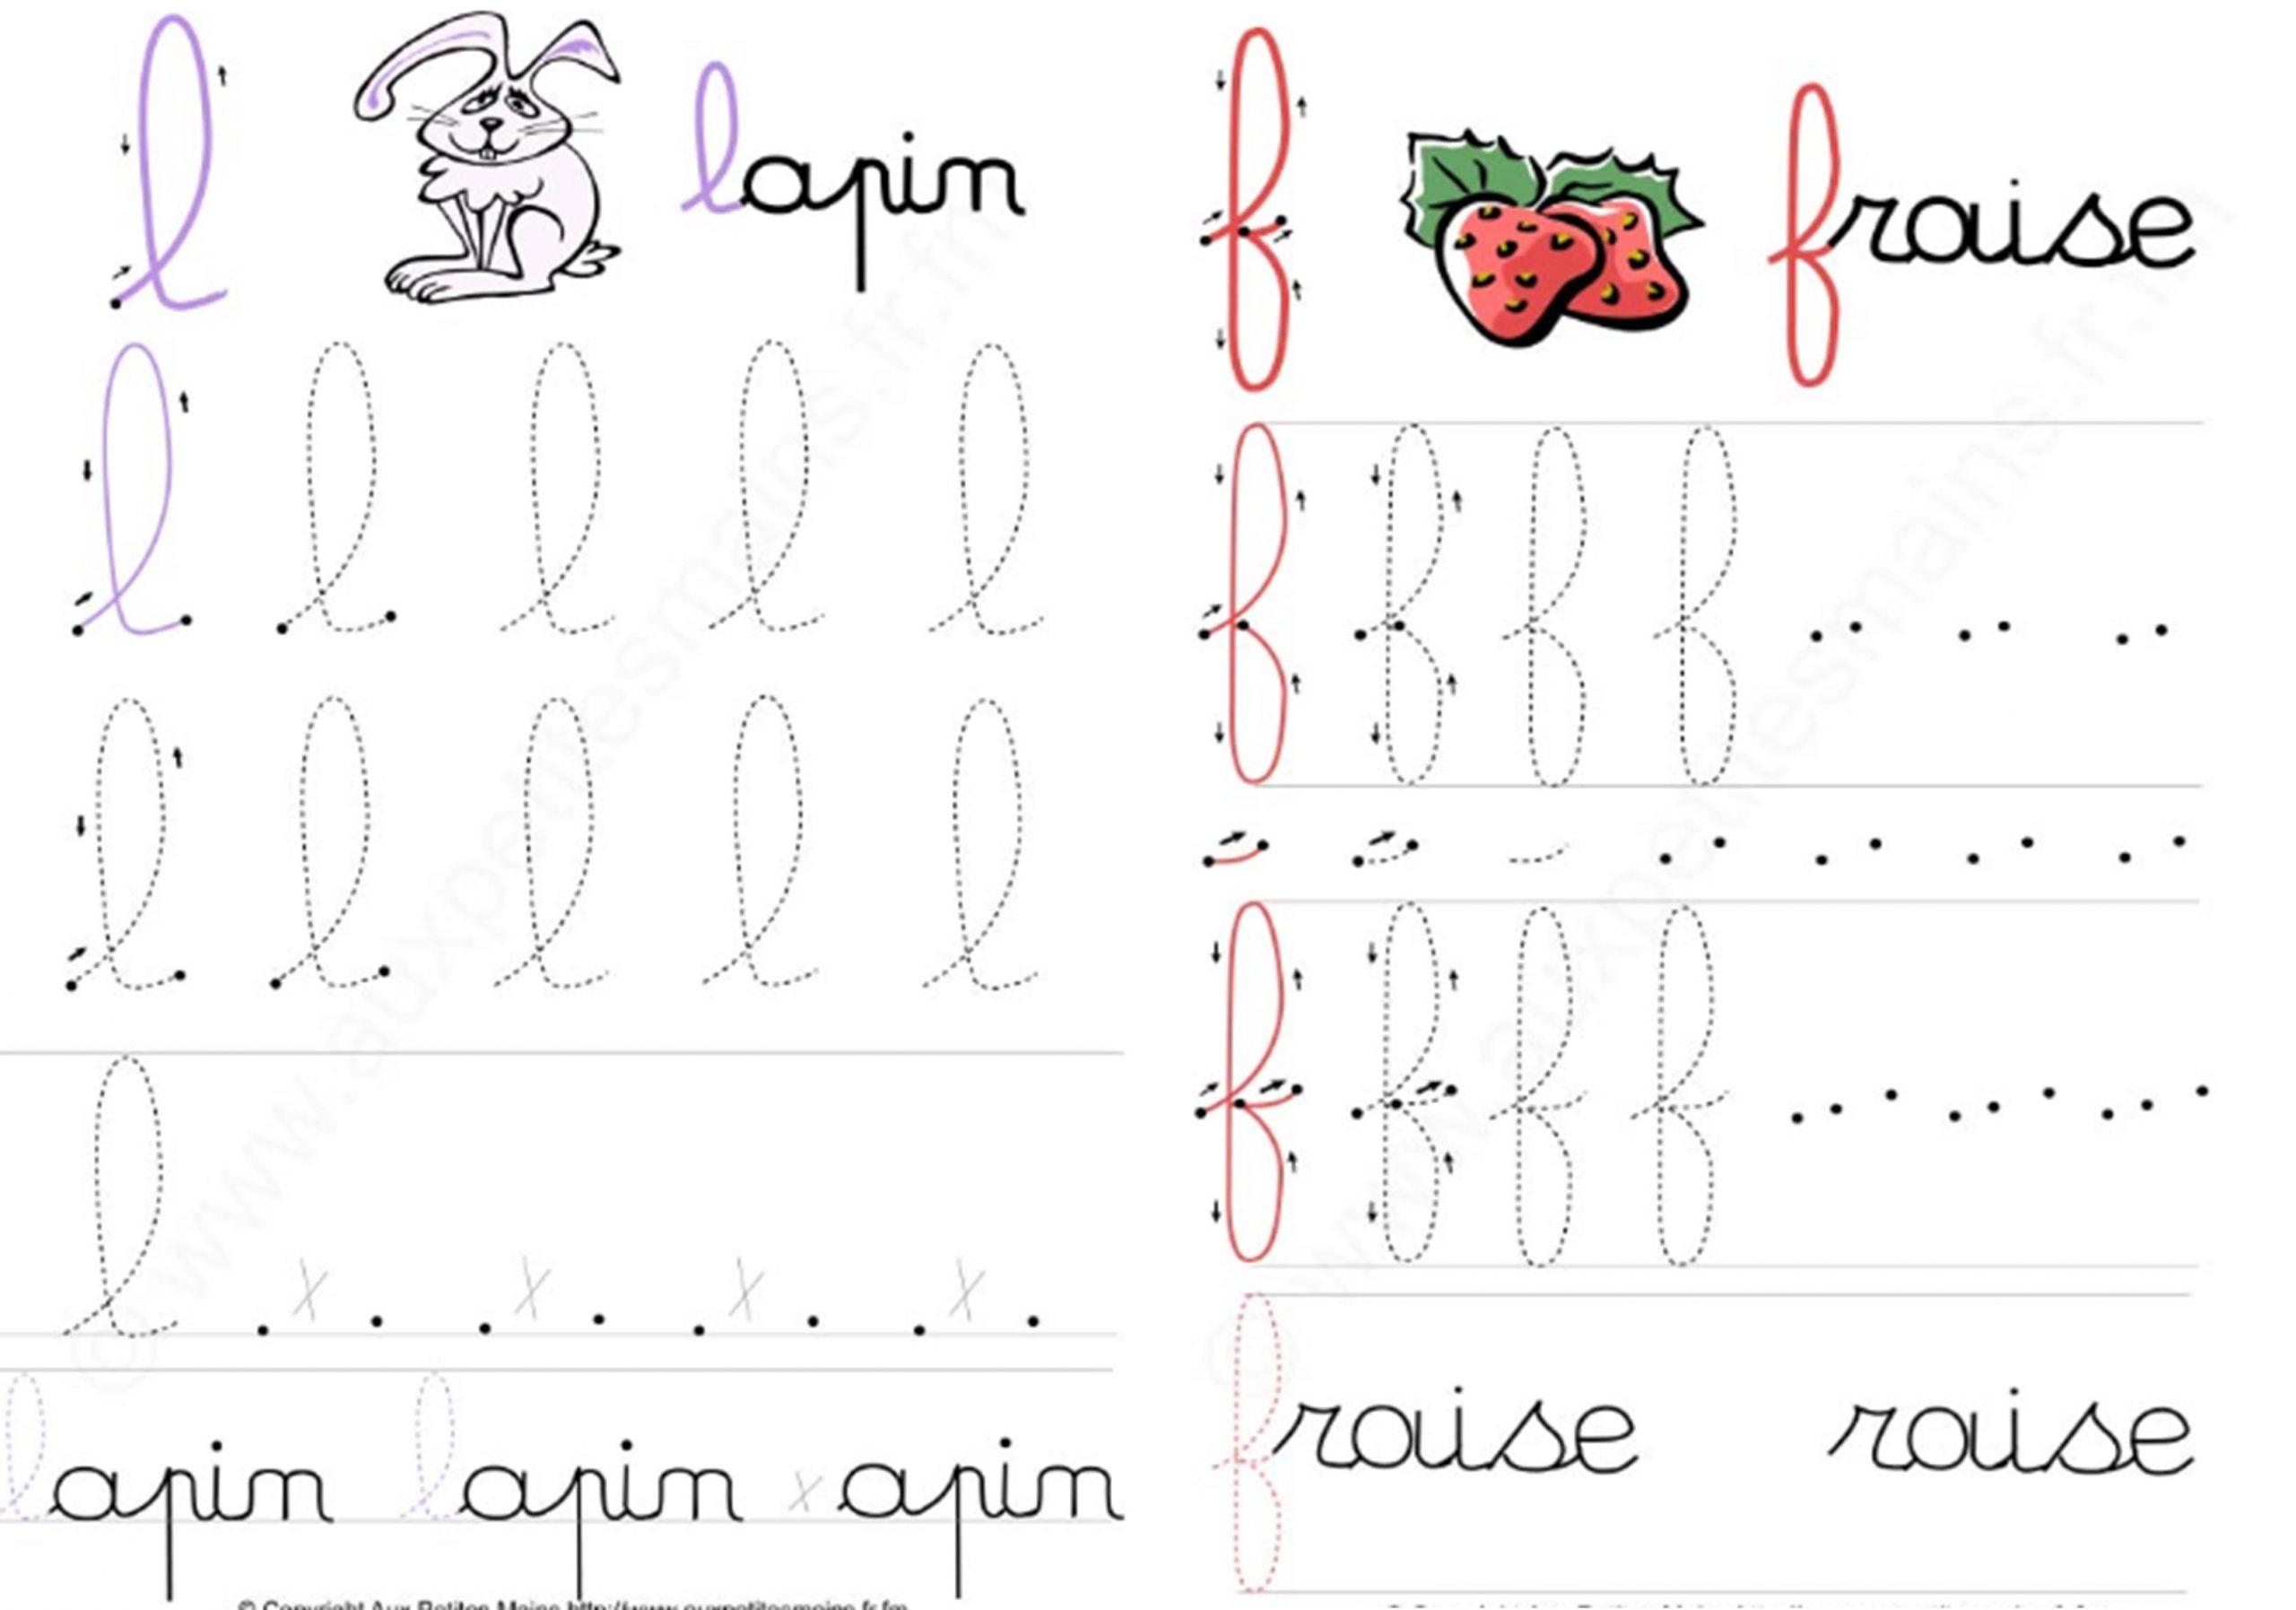 Fichier D'écriture Grande Section | Le Blog De Monsieur Mathieu tout Exercice Grande Section Maternelle Gratuit A Imprimer